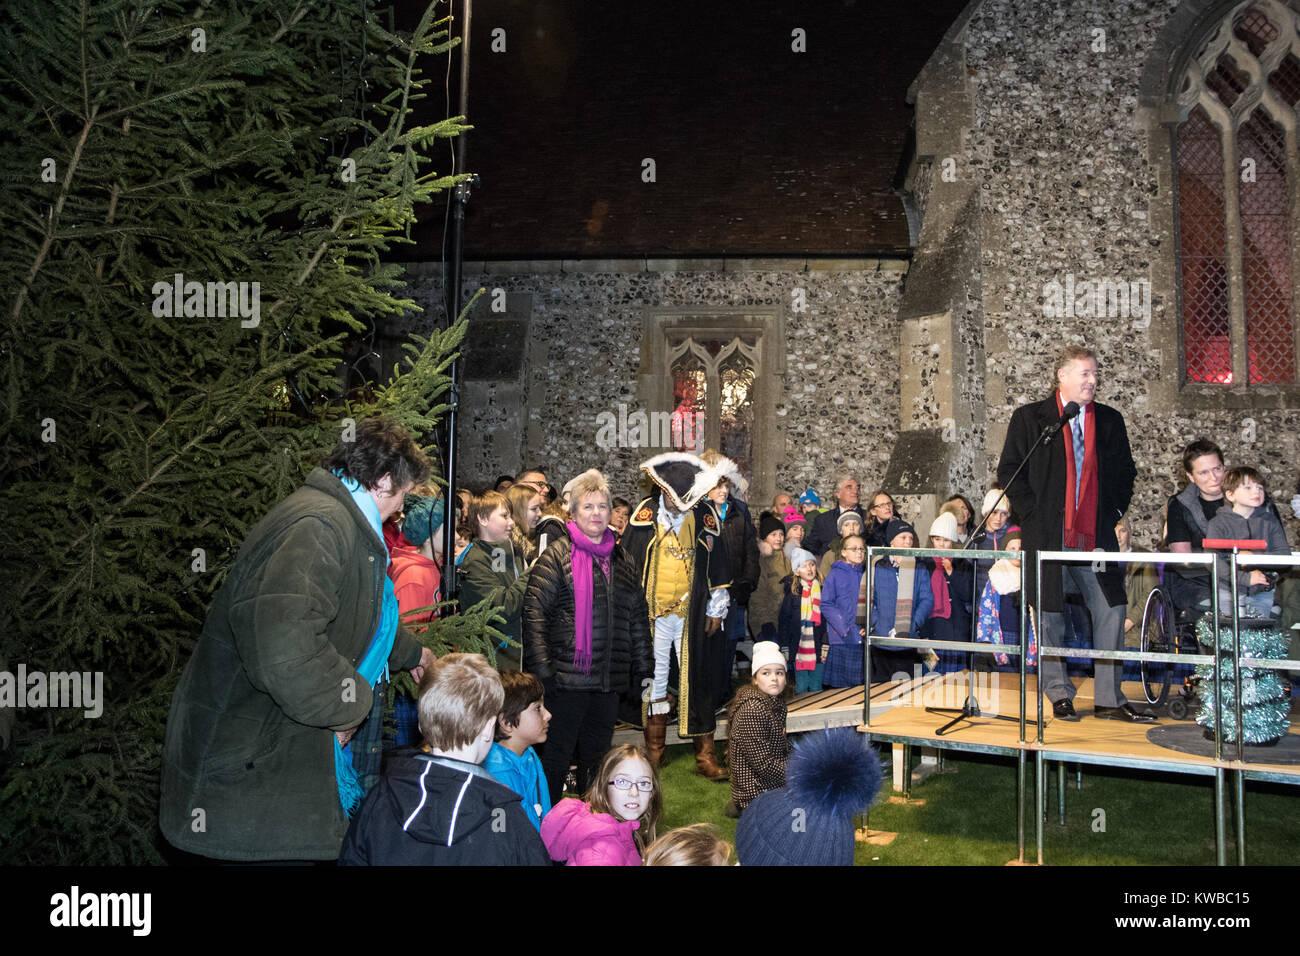 Wann Weihnachtsbeleuchtung.Piers Morgan Versuche Auf Dem Stockbridge Weihnachtsbeleuchtung Und